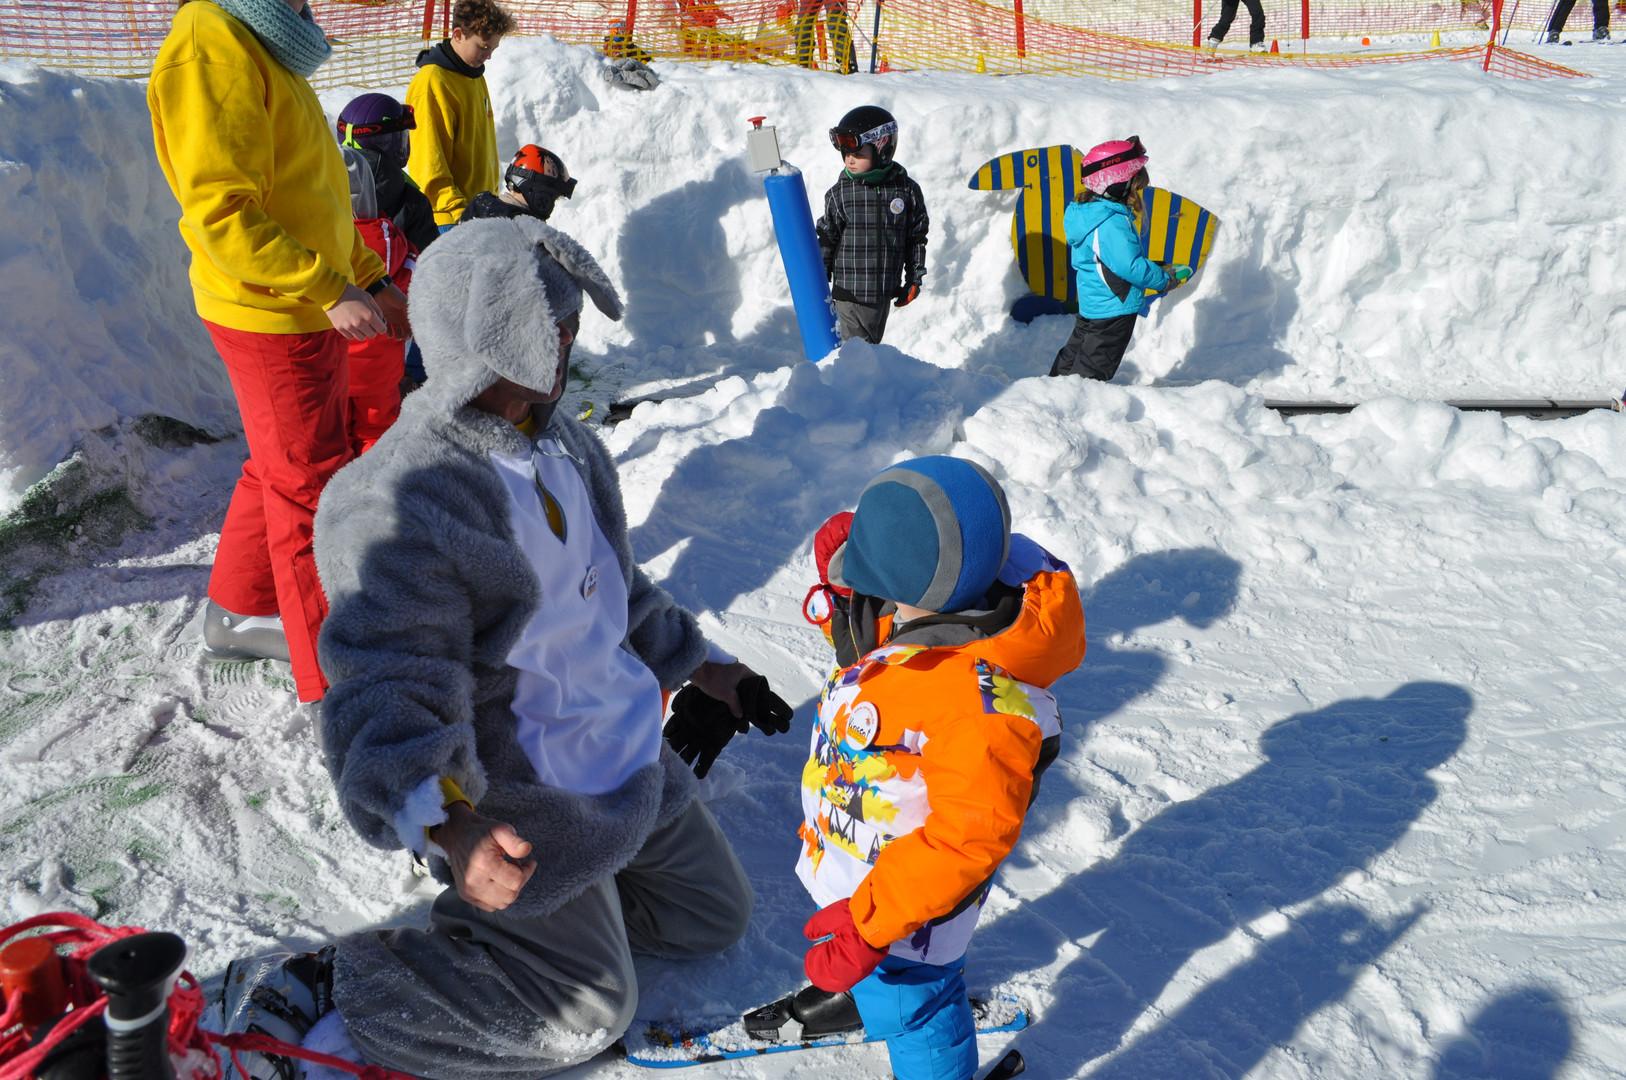 skischule_onsnow_feldberg__DSC_0237.JPG